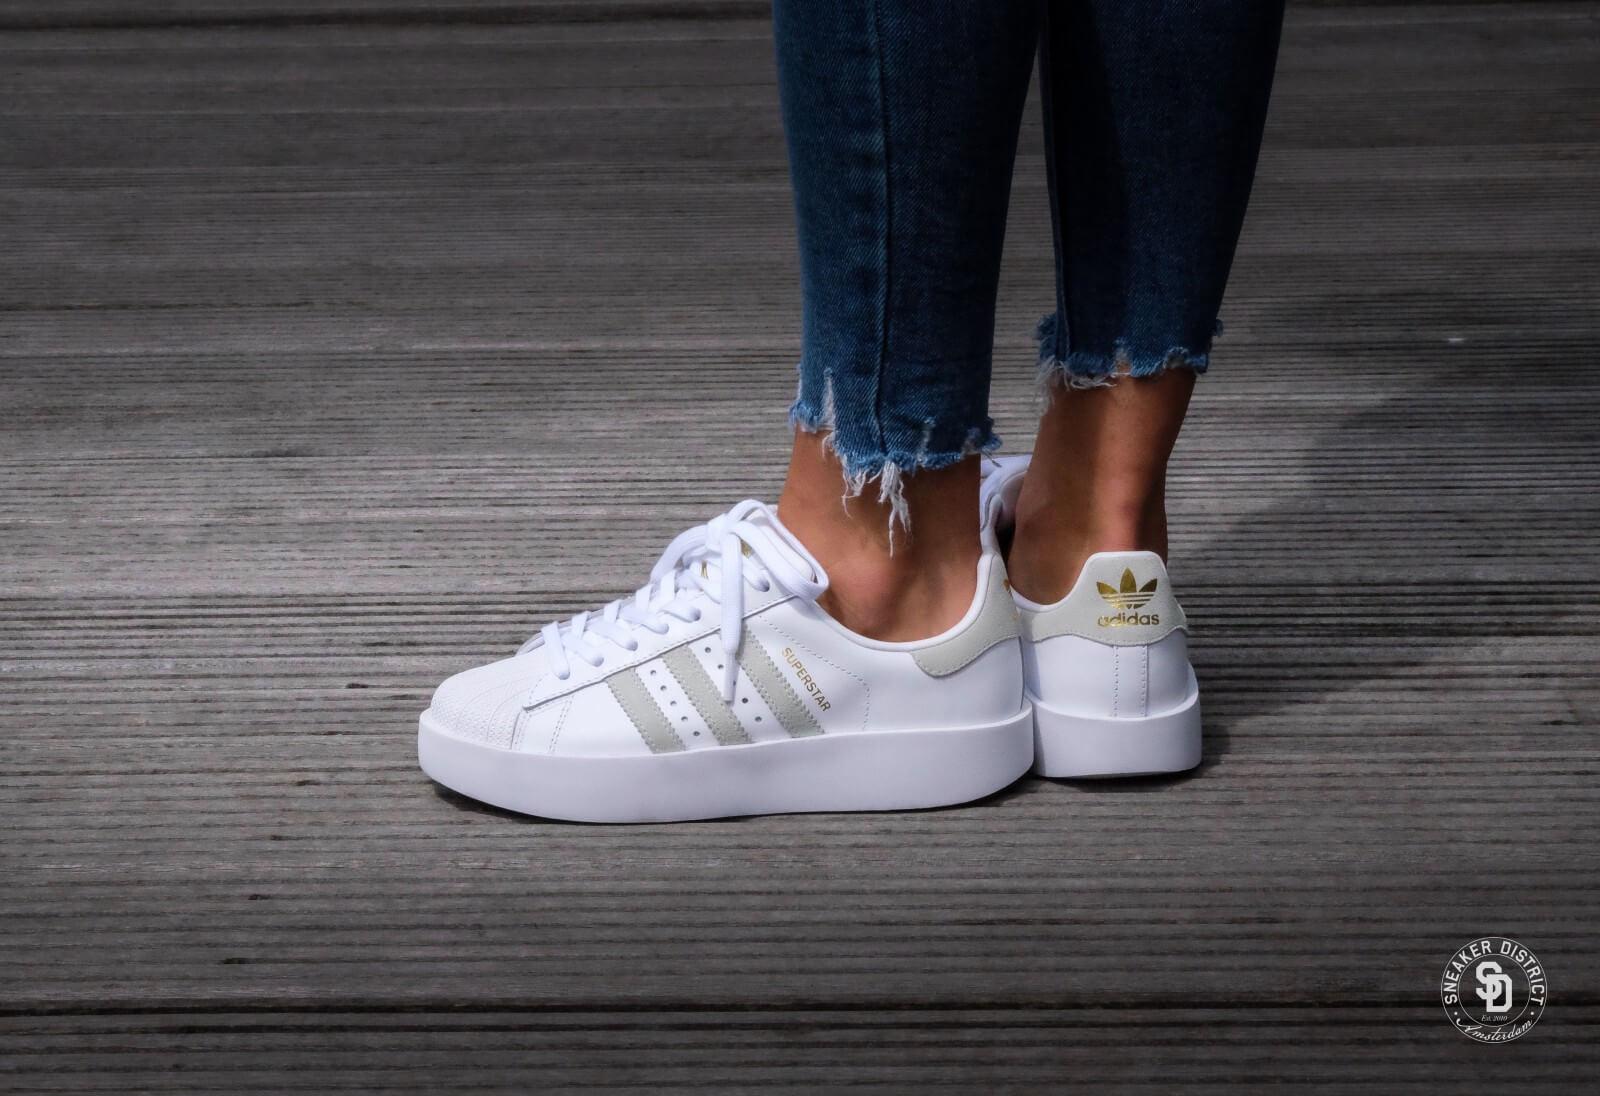 Adidas WMNS Superstar Bold Footwear White/Linen Green/Gold Metallic